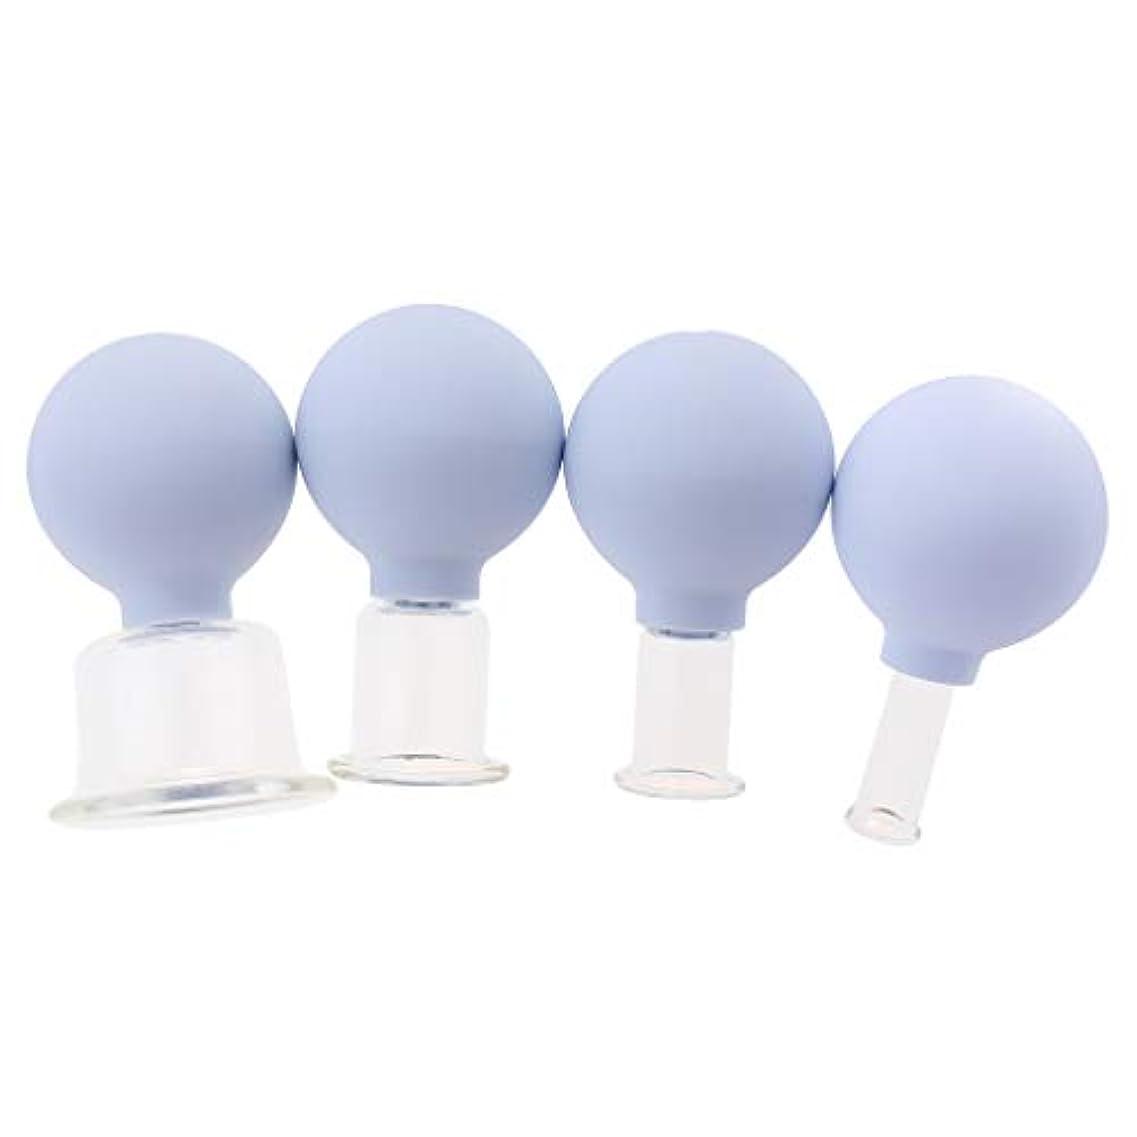 地区惑星マルコポーロFenteer ガラスカッピング マッサージ 吸い玉 真空 マッサージカップ 男女兼用 全身マッサージ用 4個 全3色 - 白